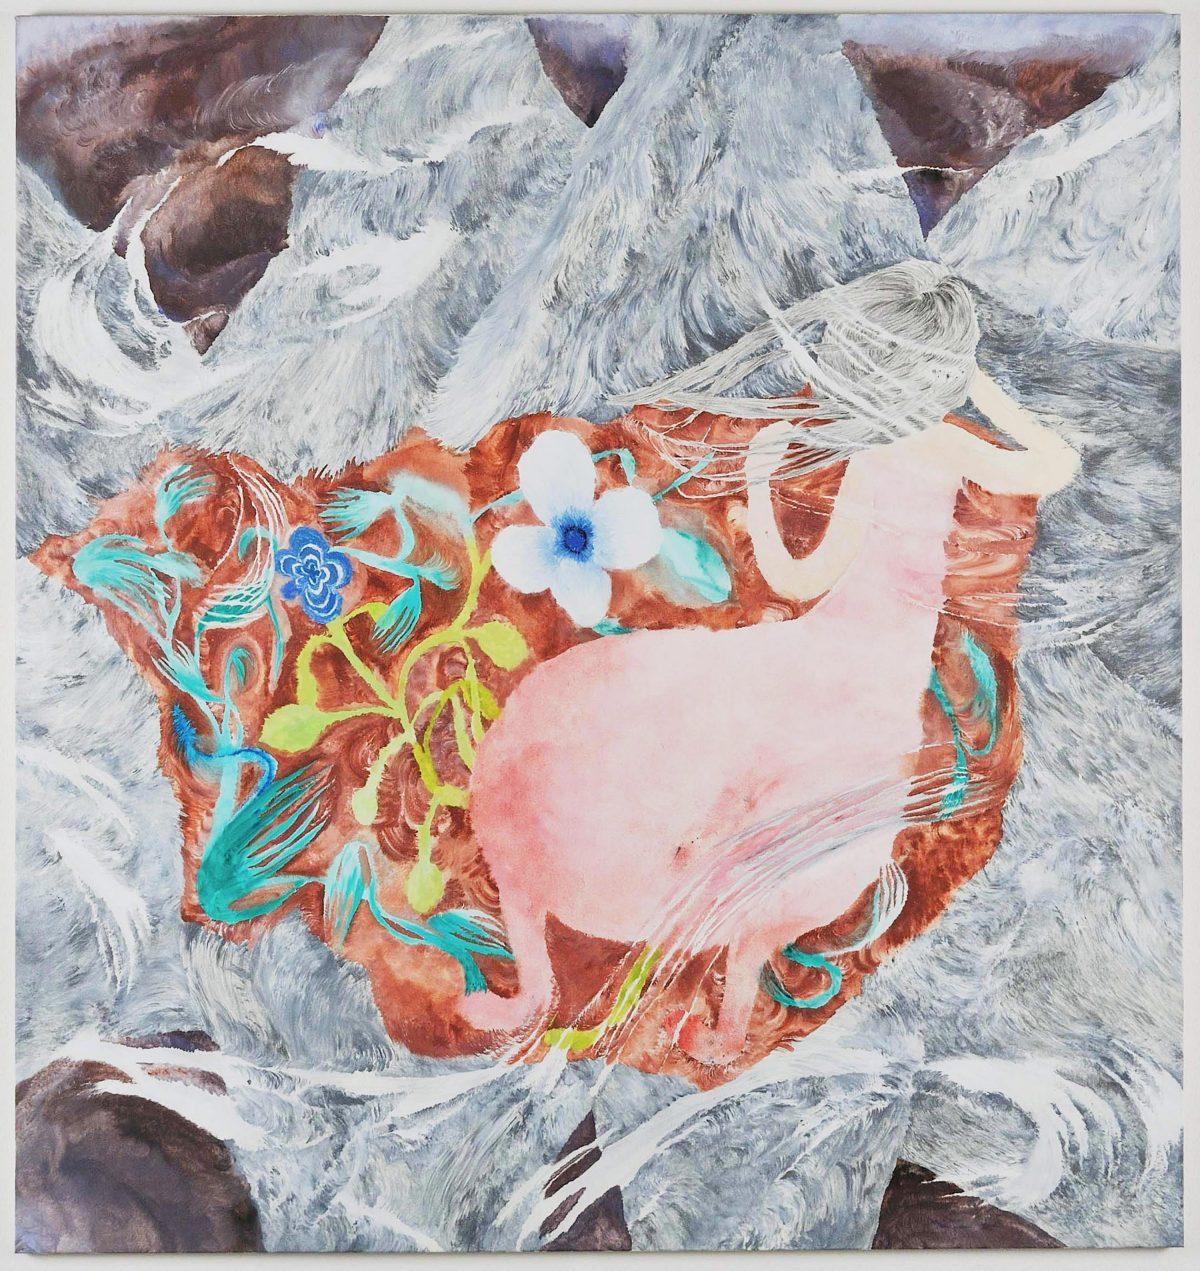 《FloweryPlanet》2009 ,190x180cm.綿布に油彩